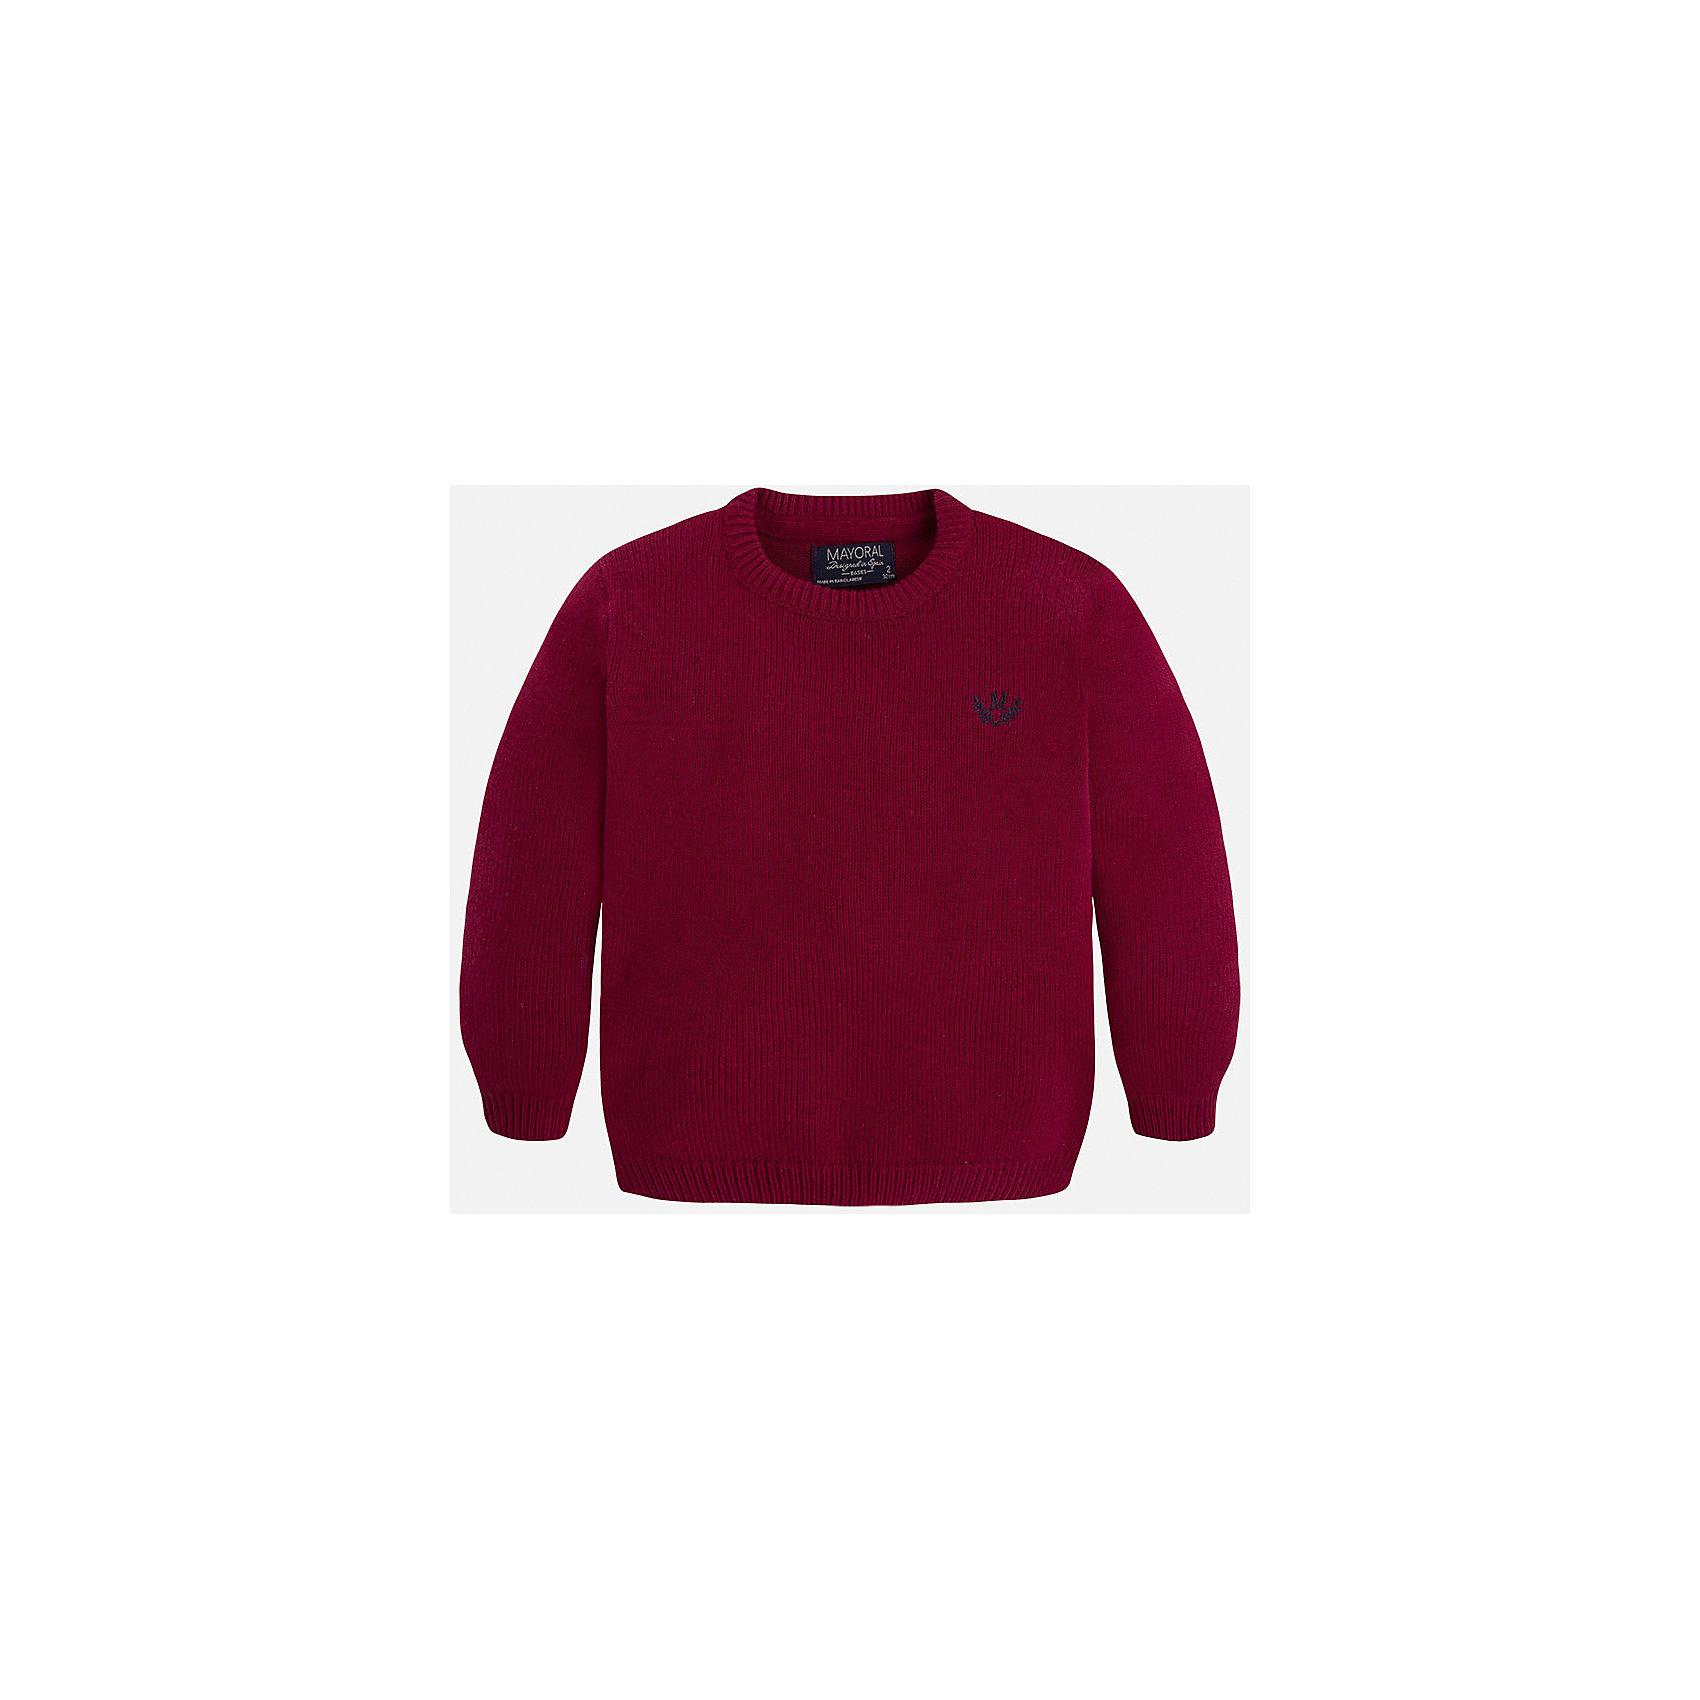 Свитер для мальчика MayoralСтильный свитер для настоящего джентльмена! У свитера классический крой, поэтому его можно комбинировать с разными вещими и носить в любой сезон.<br><br>Дополнительная информация:<br><br>- Прямой крой.<br>- Страна бренда: Испания.<br>- Состав: хлопок 60%,полиамид 30%,шерсть 10%.<br>- Цвет: бордовый.<br>- Уход: бережная стирка при 30 градусах.<br><br>Купить свитер для мальчика Mayoral можно в нашем магазине.<br><br>Ширина мм: 190<br>Глубина мм: 74<br>Высота мм: 229<br>Вес г: 236<br>Цвет: бордовый<br>Возраст от месяцев: 96<br>Возраст до месяцев: 108<br>Пол: Мужской<br>Возраст: Детский<br>Размер: 122,134,128,98,104,110,116<br>SKU: 4821663